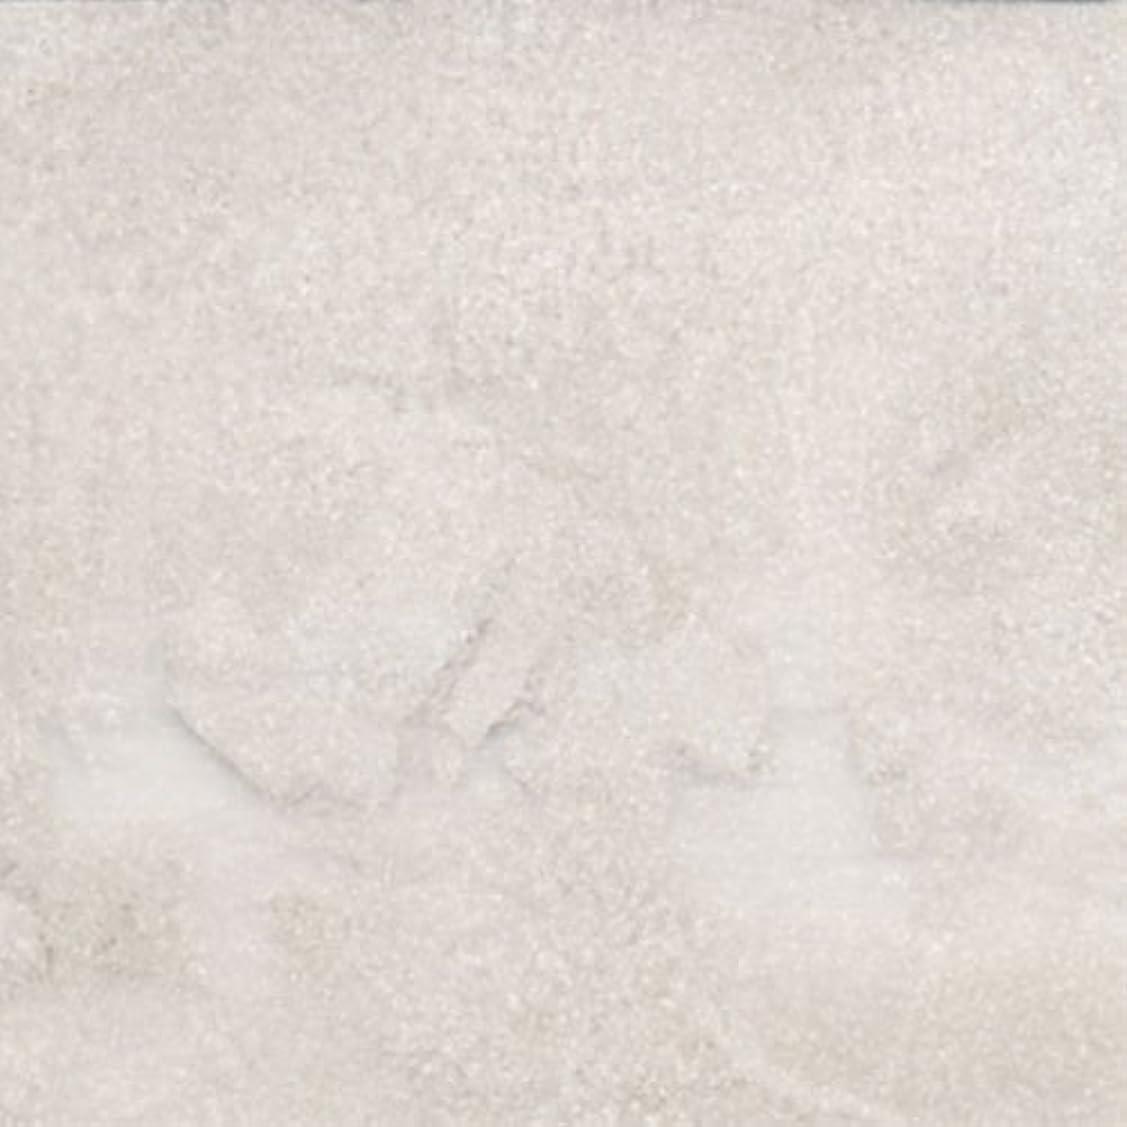 費やすトラブル乱用ピカエース ネイル用パウダー パステルパウダー #840 ホワイト 0.25g